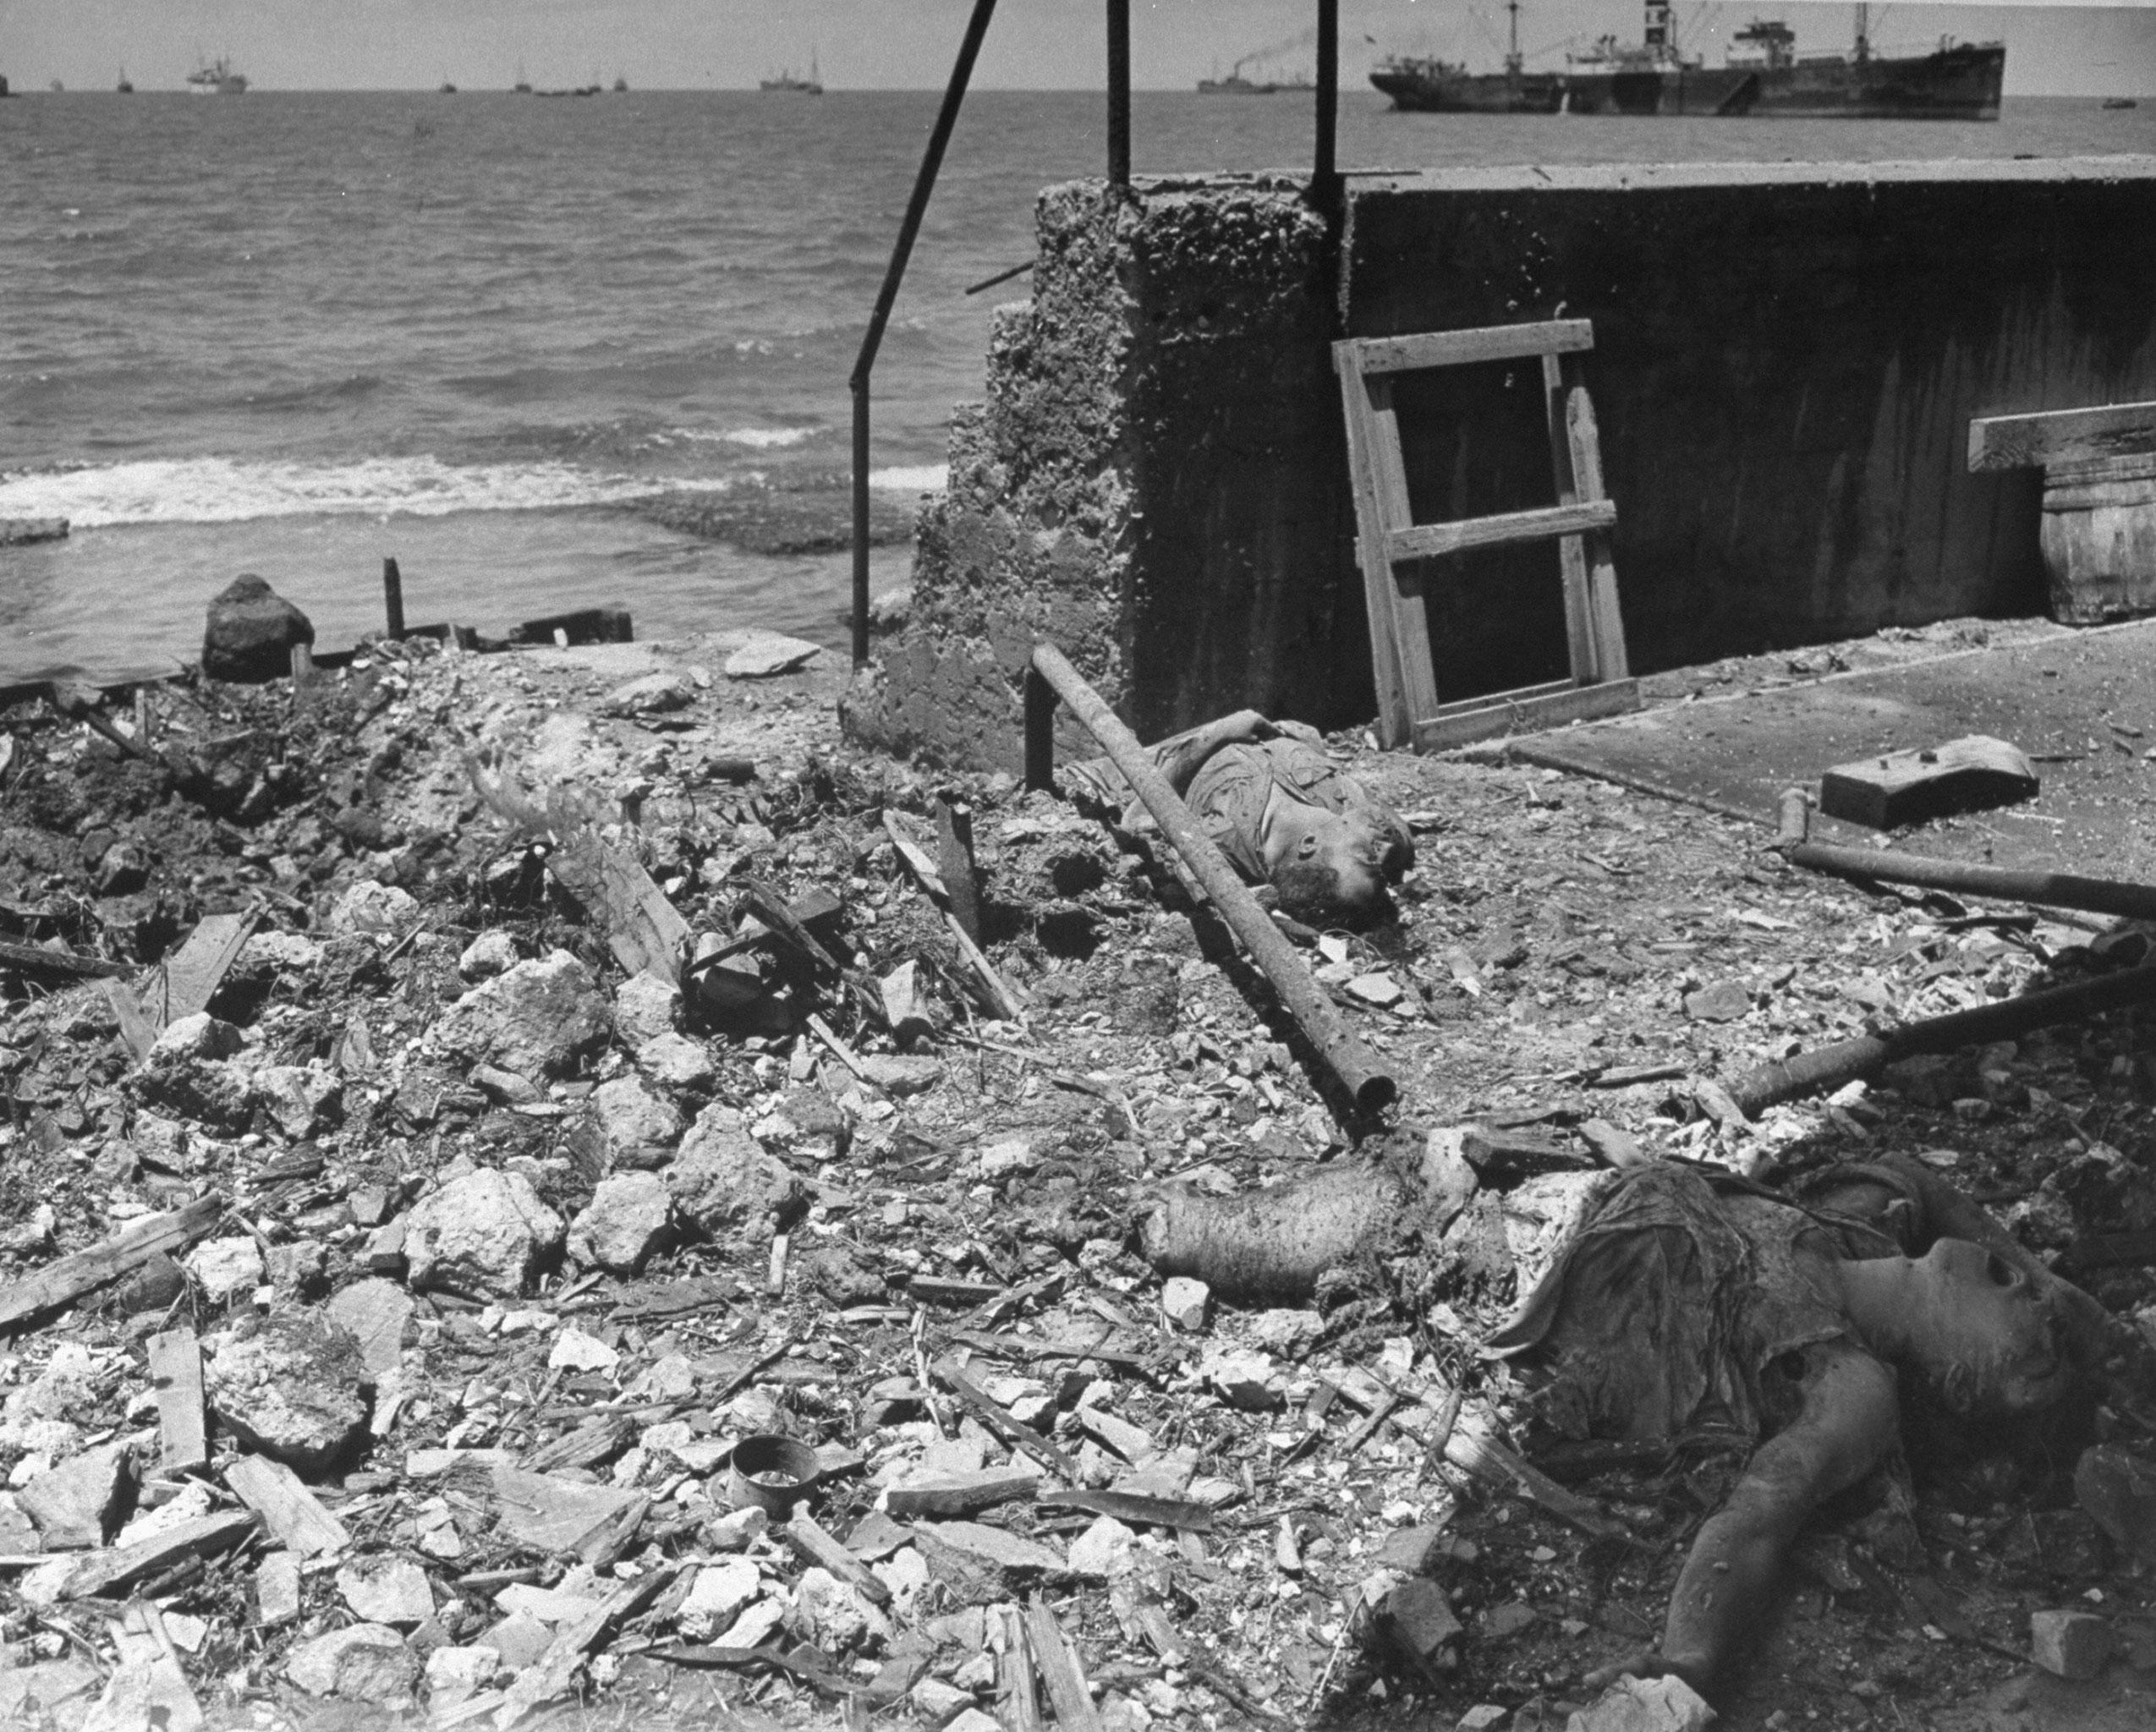 После воздушного налета египетской авиации тела мертвых евреев лежат среди обломках вдоль набережной Тель-Авива. 15 мая